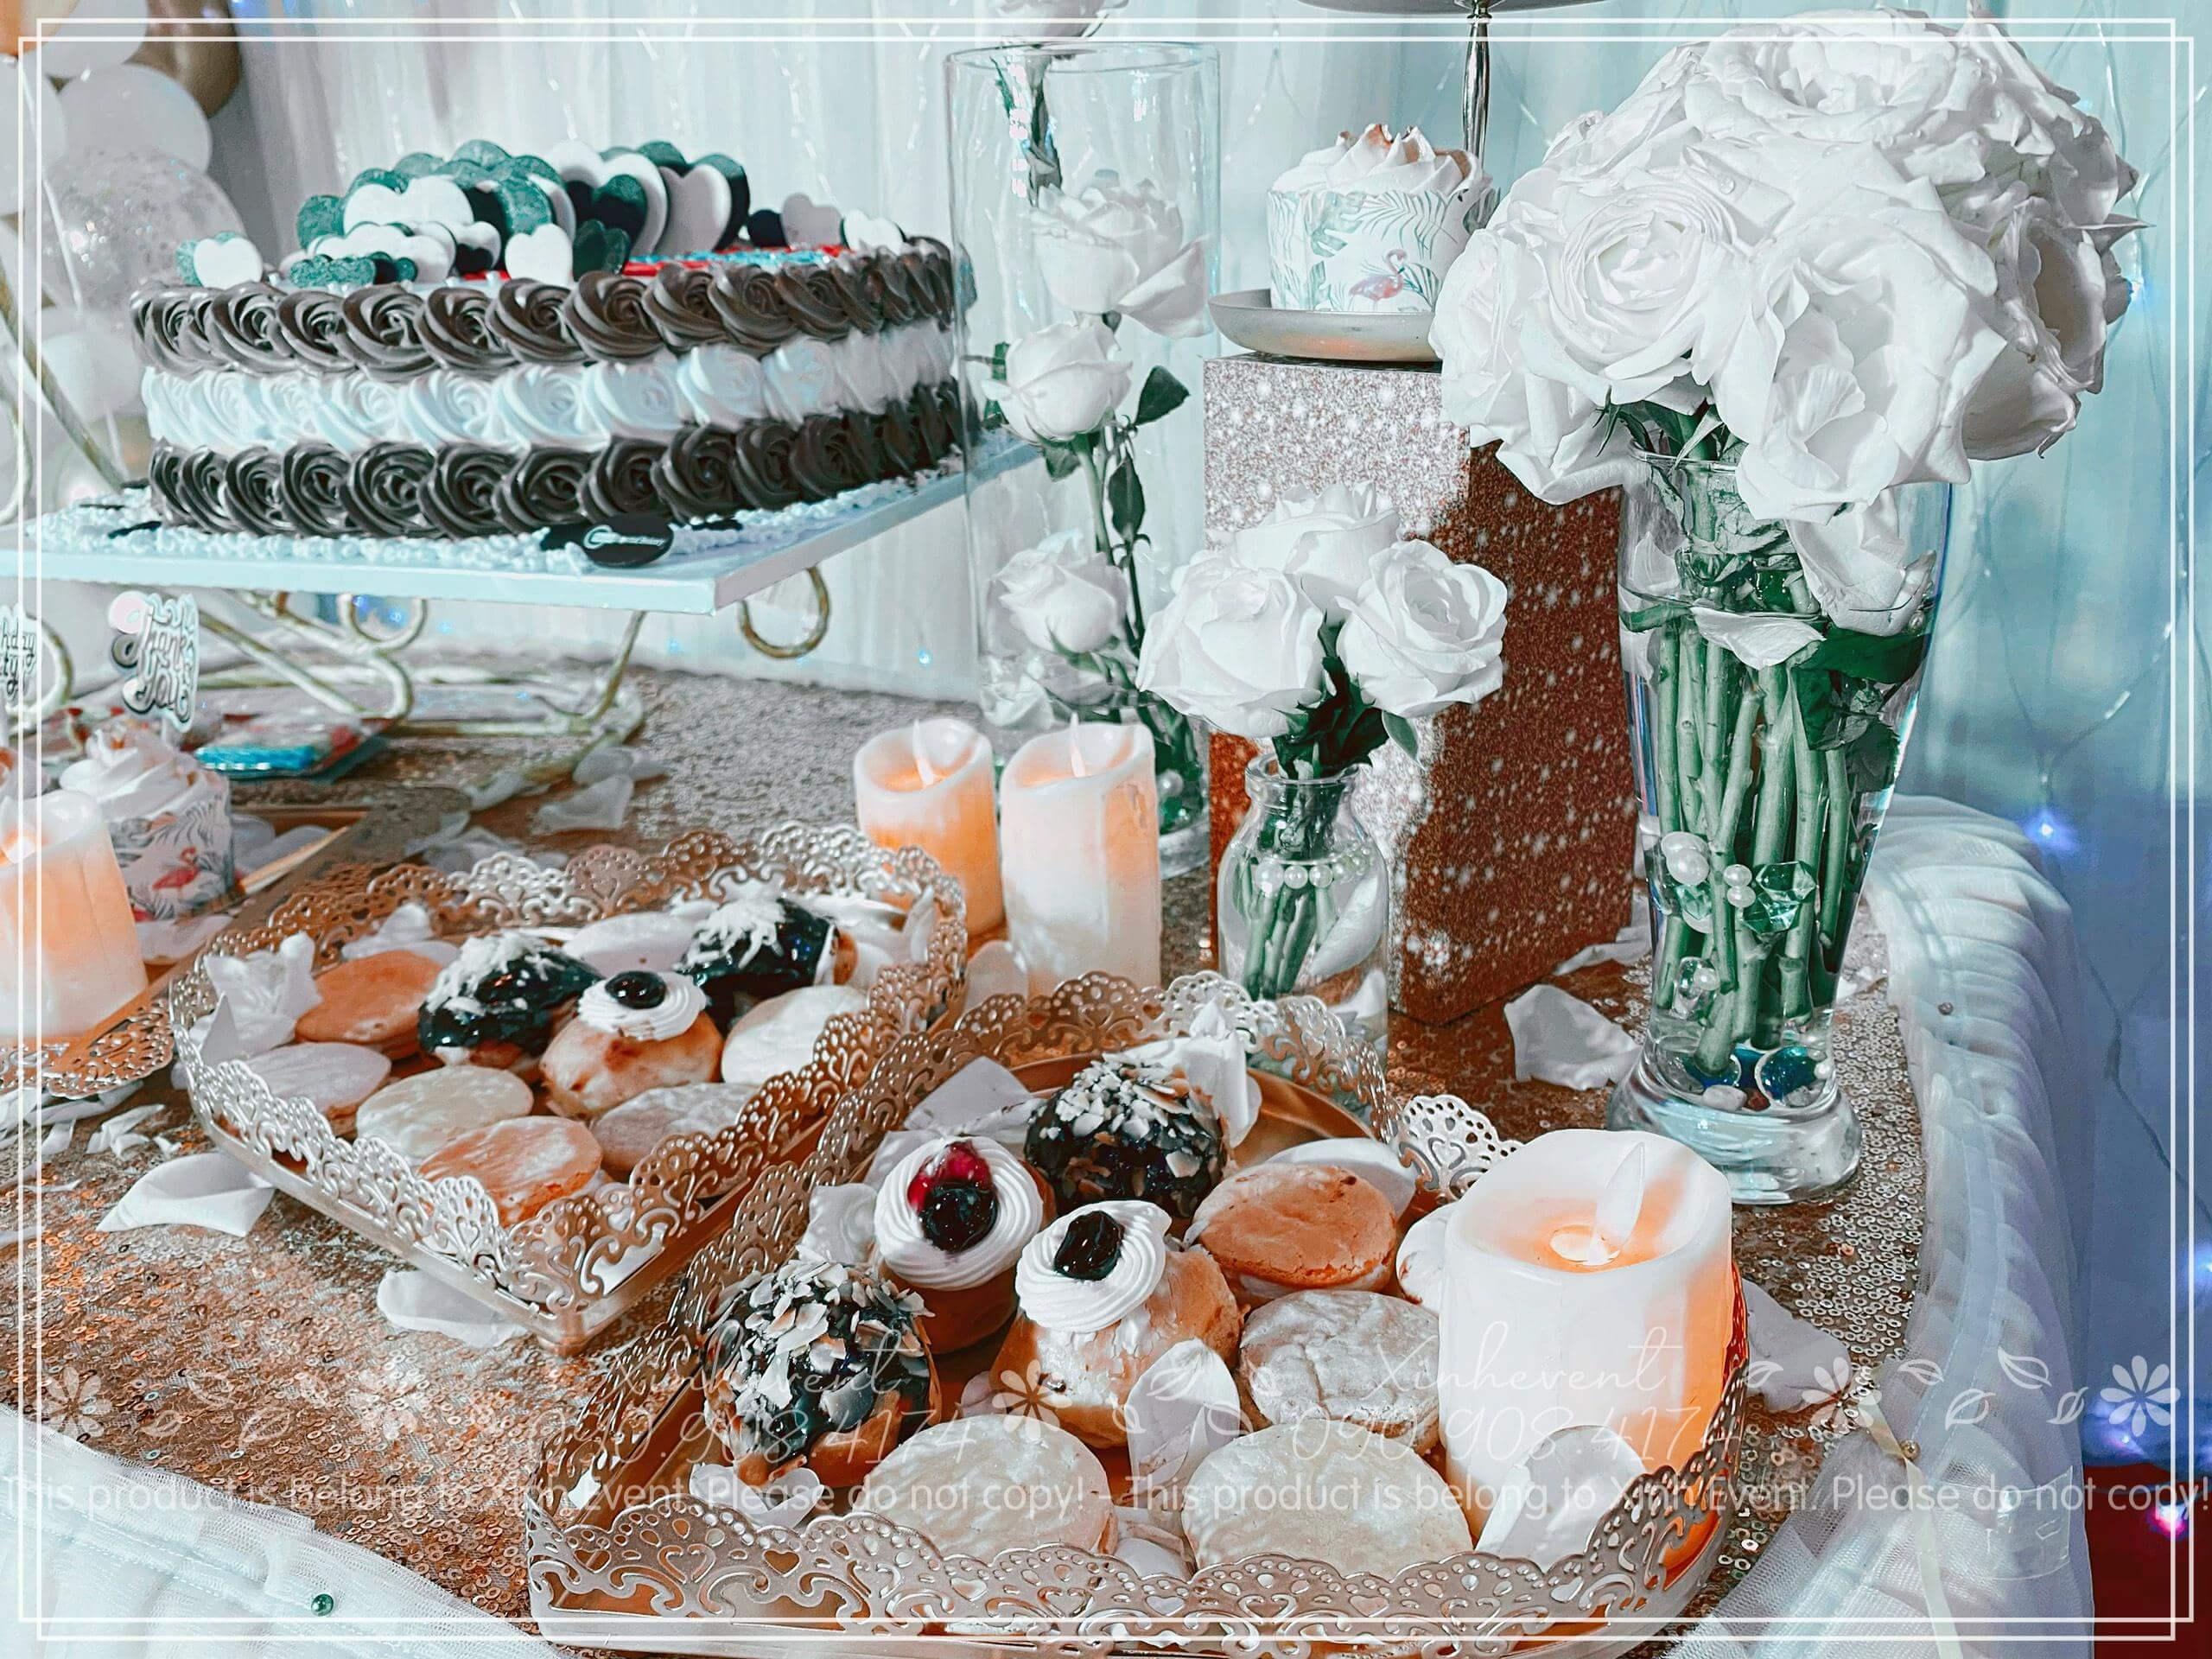 Cận cảnh góc phải của chiếc bàn sinh nhật trang trí màu sắc tinh tế